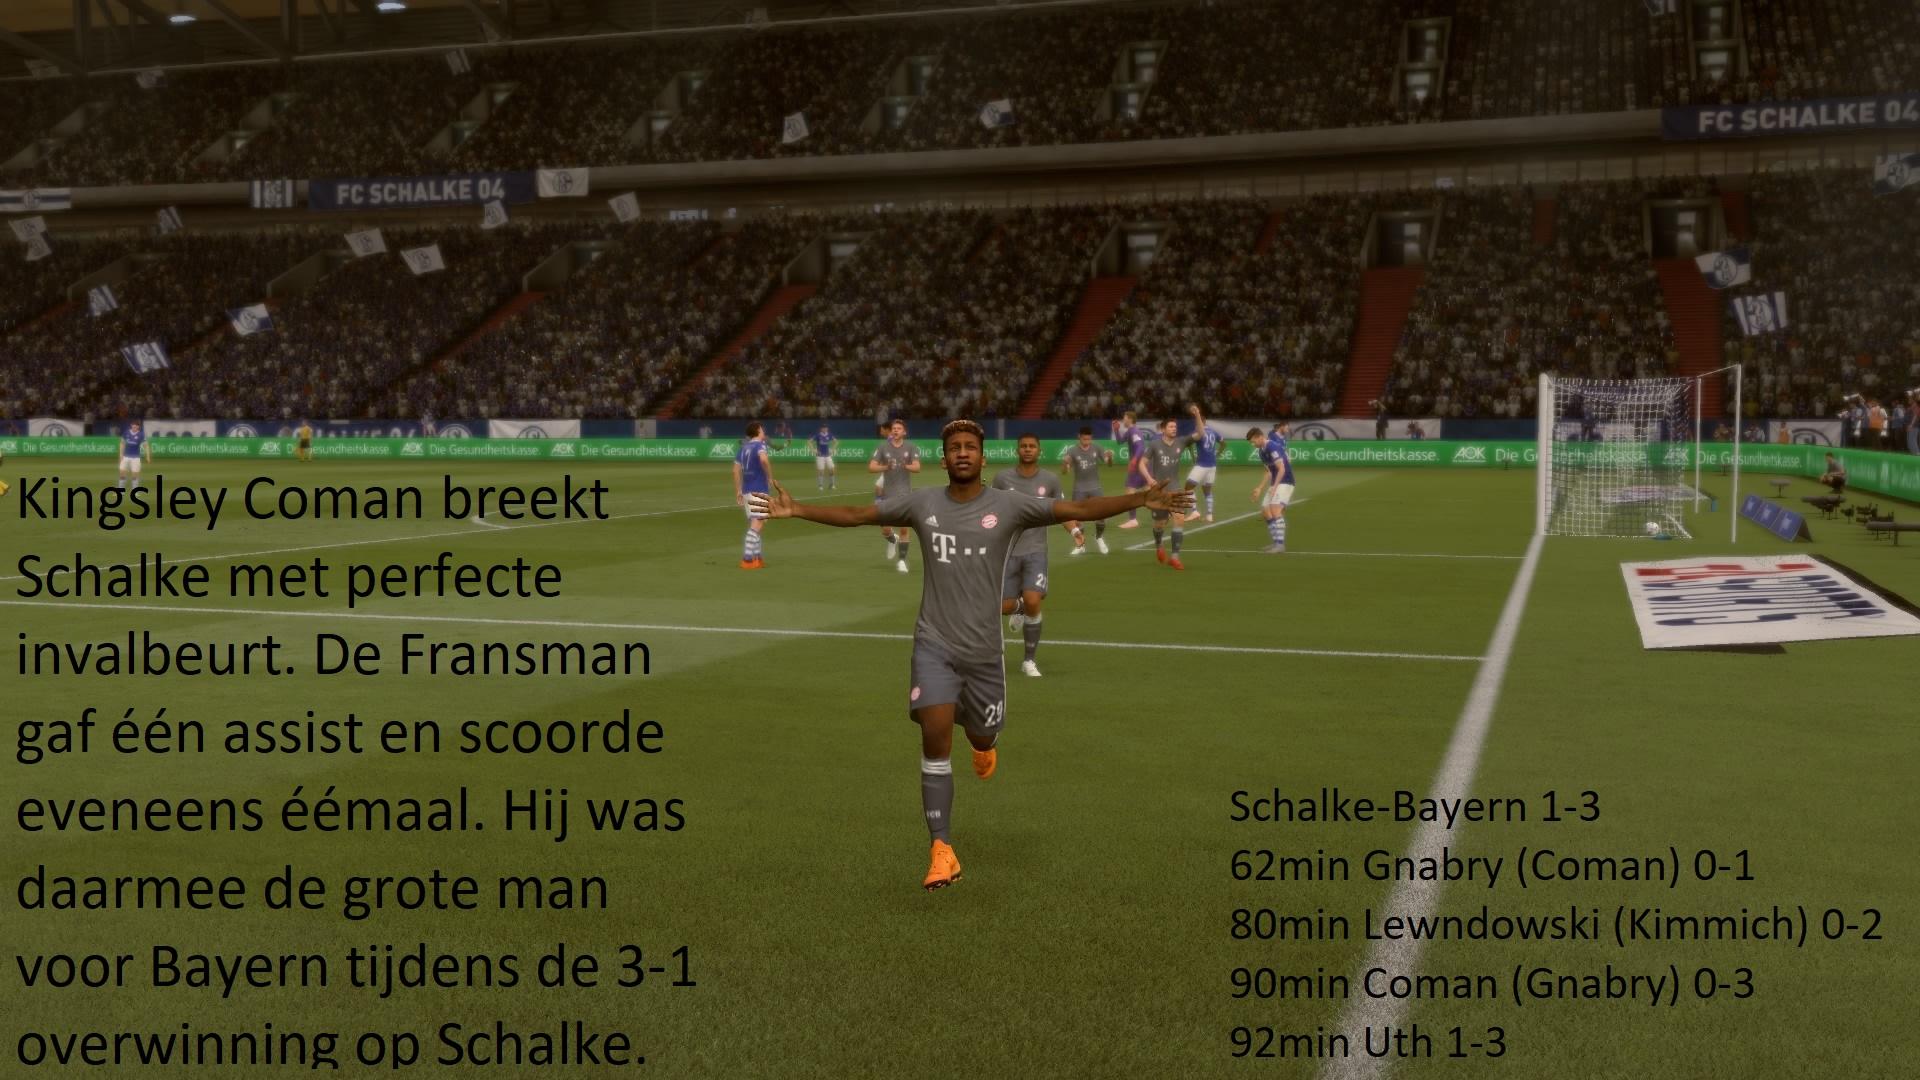 Schalke%20uit%20(competitie)